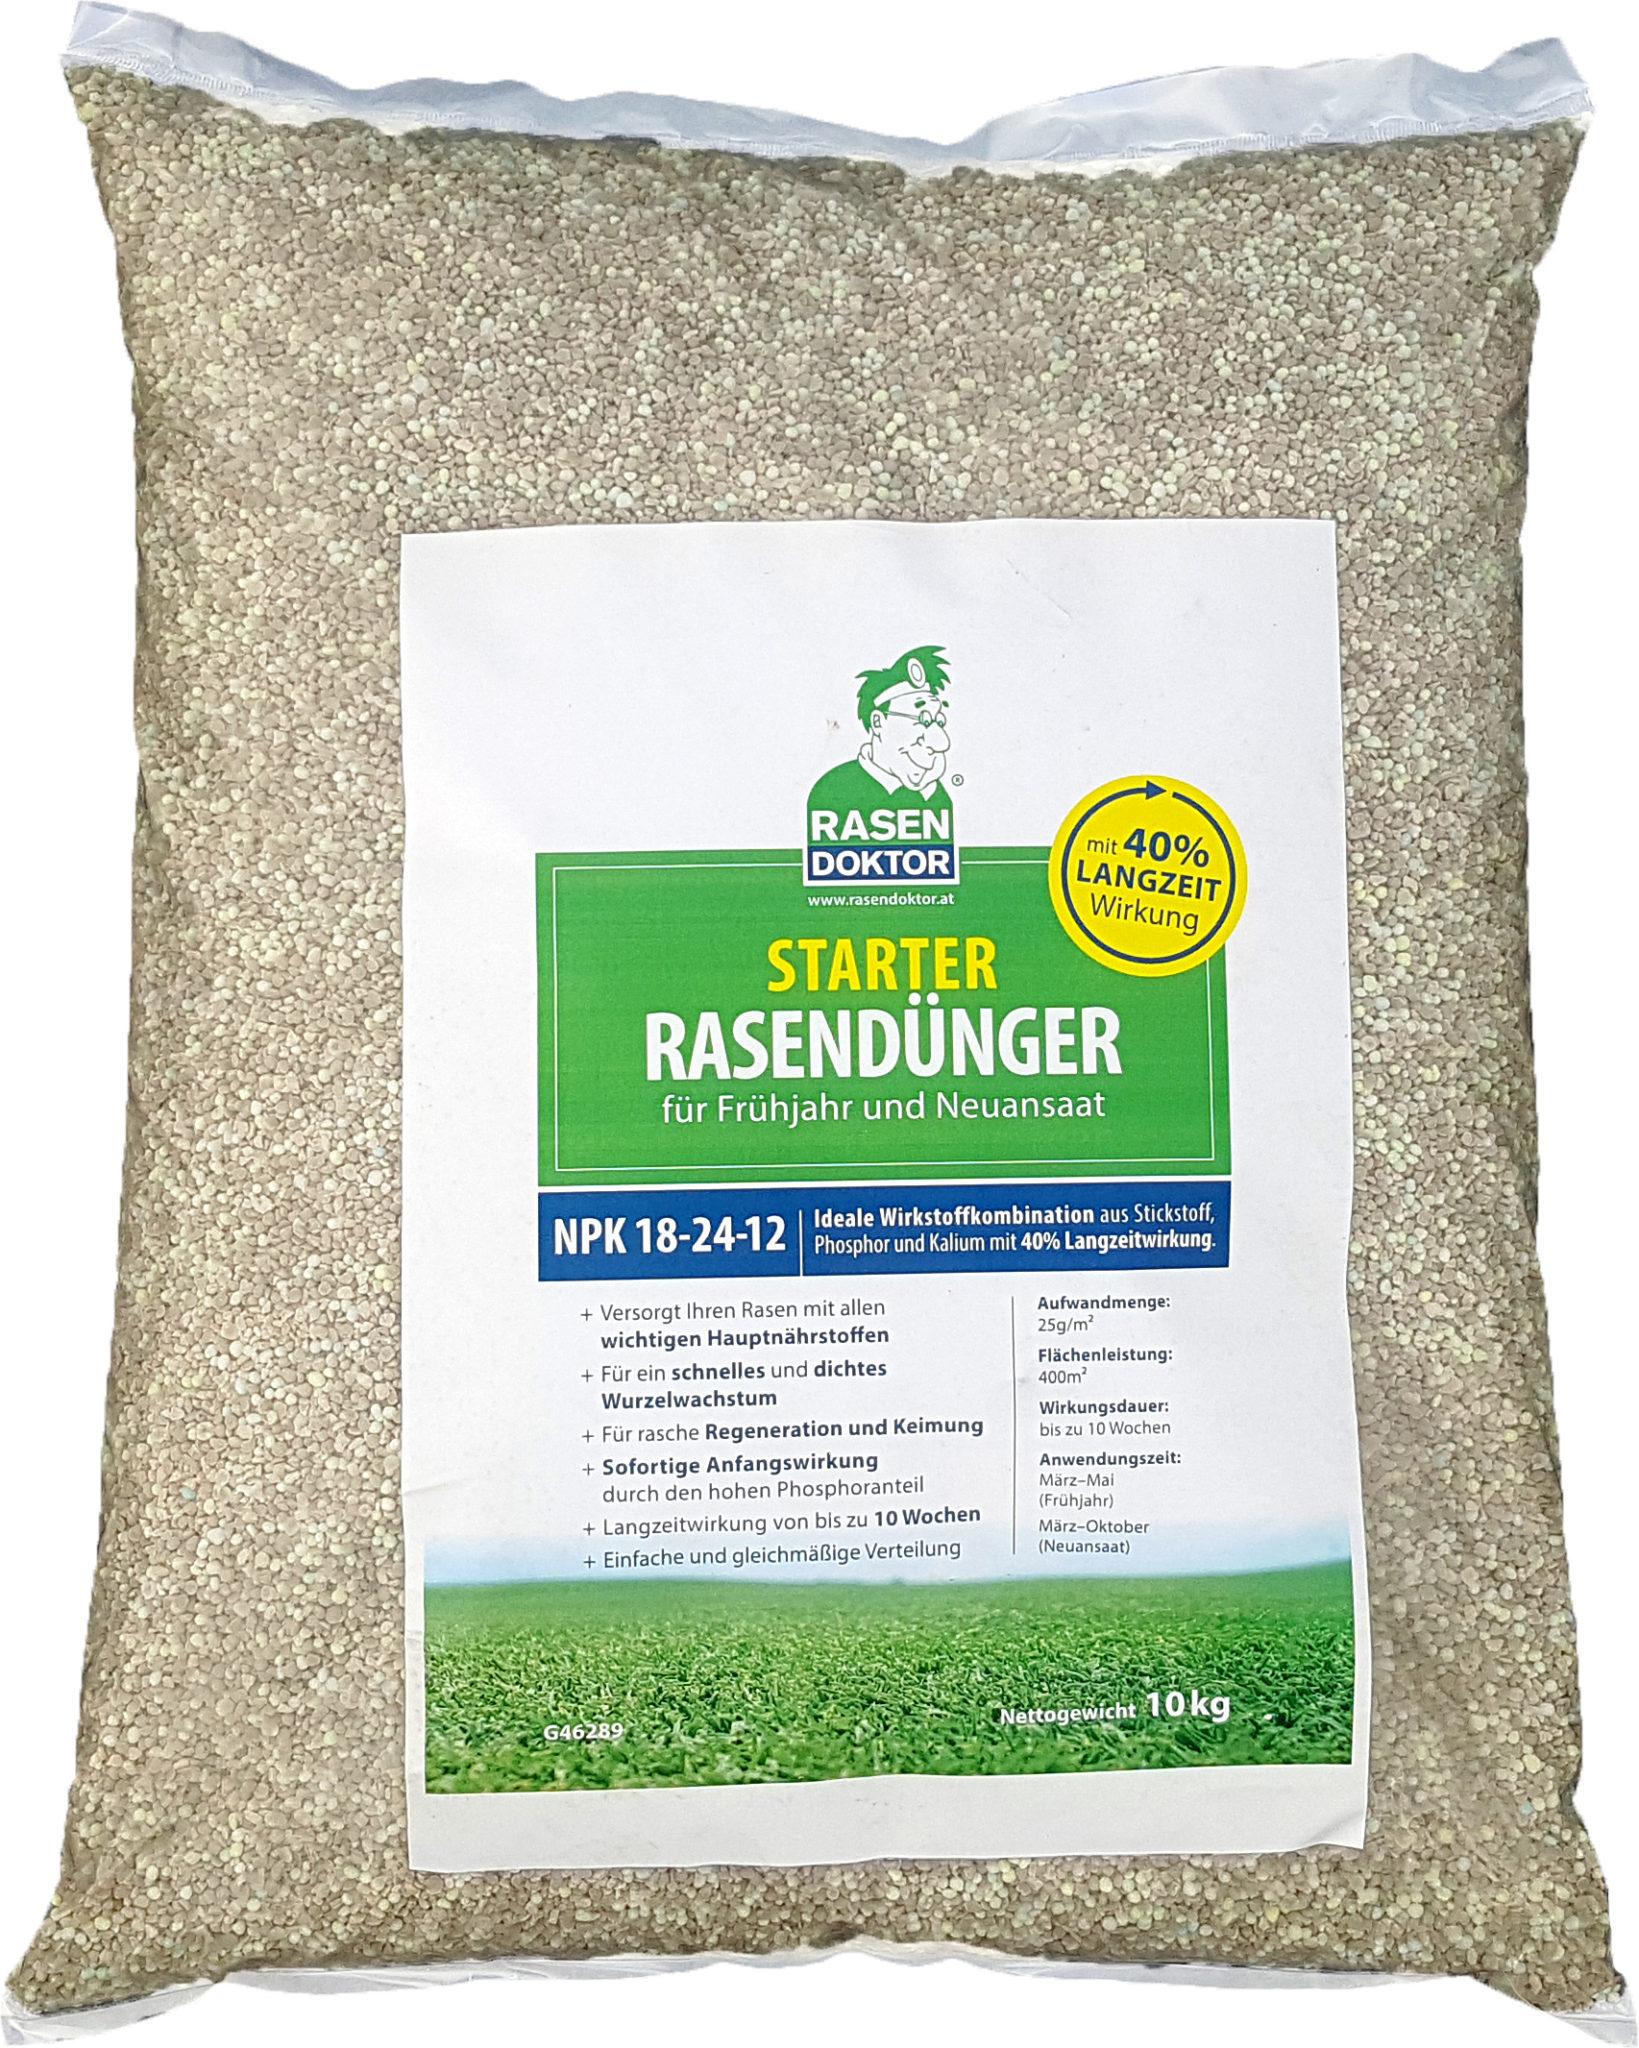 Starter Rasendünger für den Frühling und eine Neuansaat NPK 18-24-12 10kg